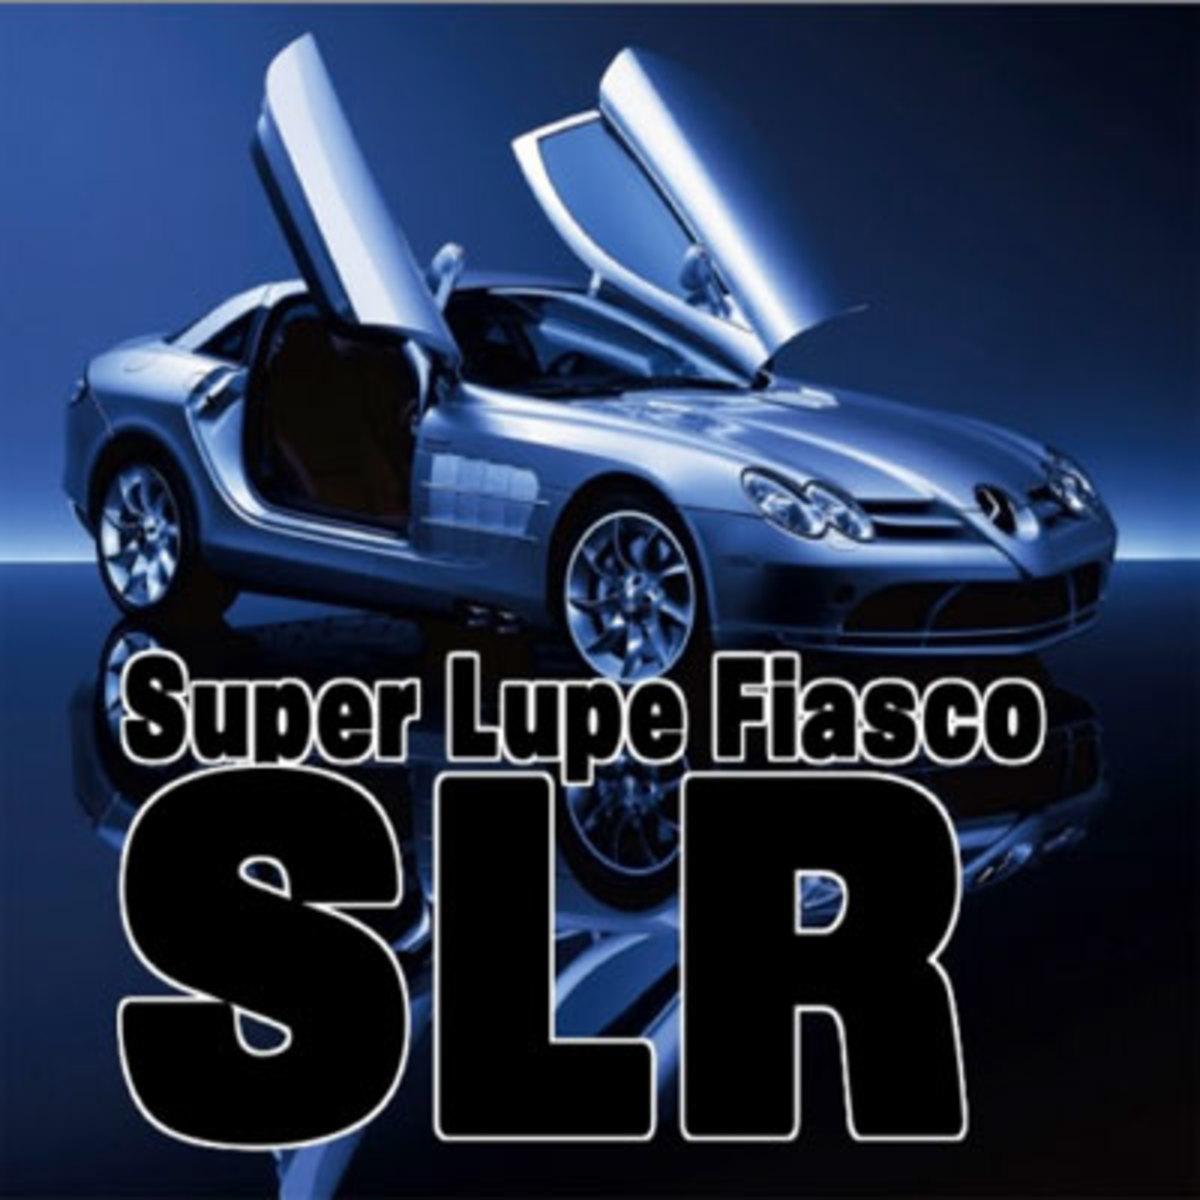 lupefiasco-slr.jpg